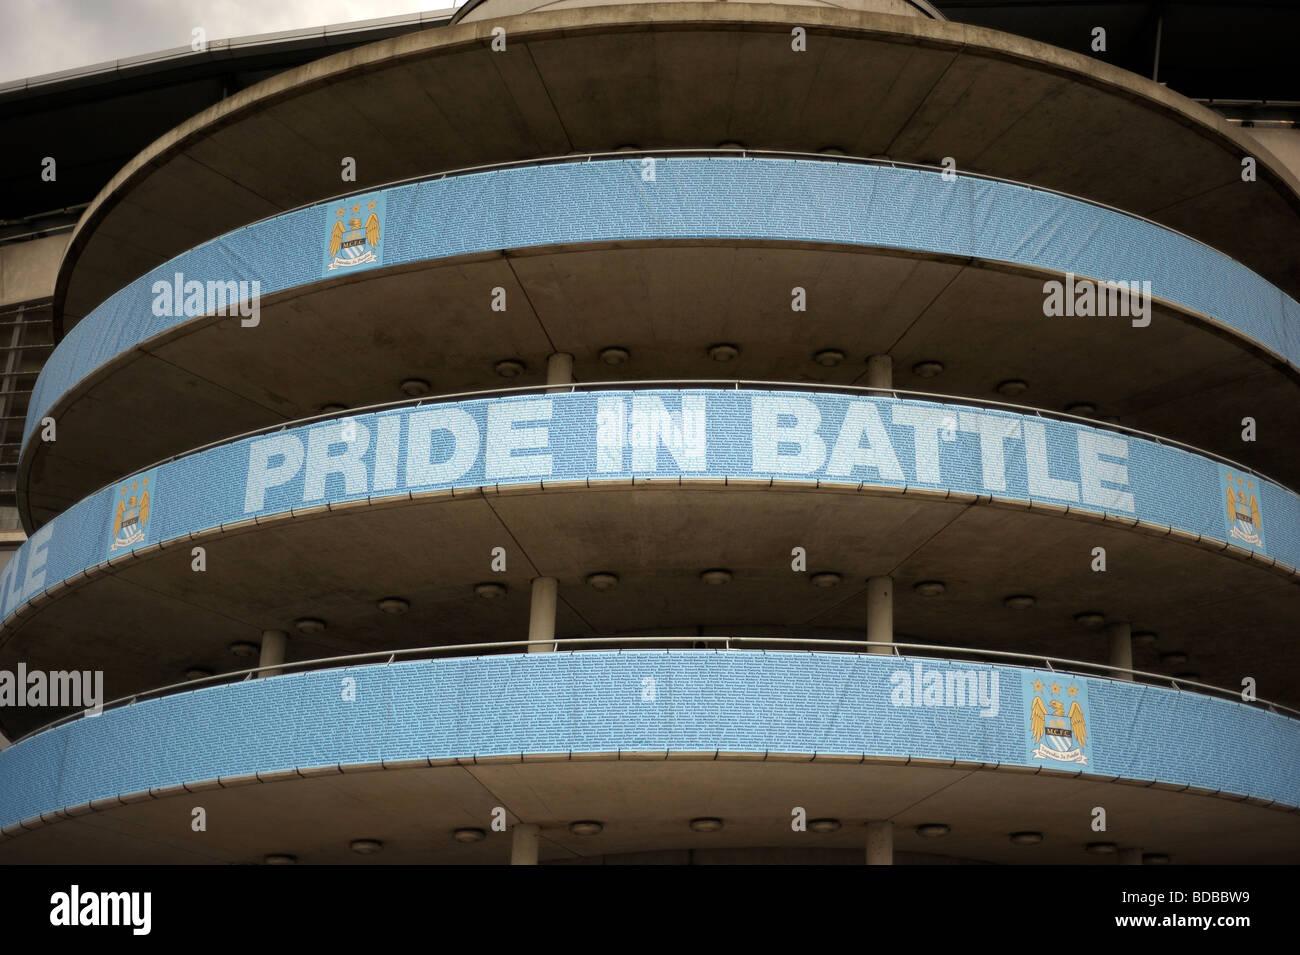 pride in battle spiral etihad stadium - Stock Image